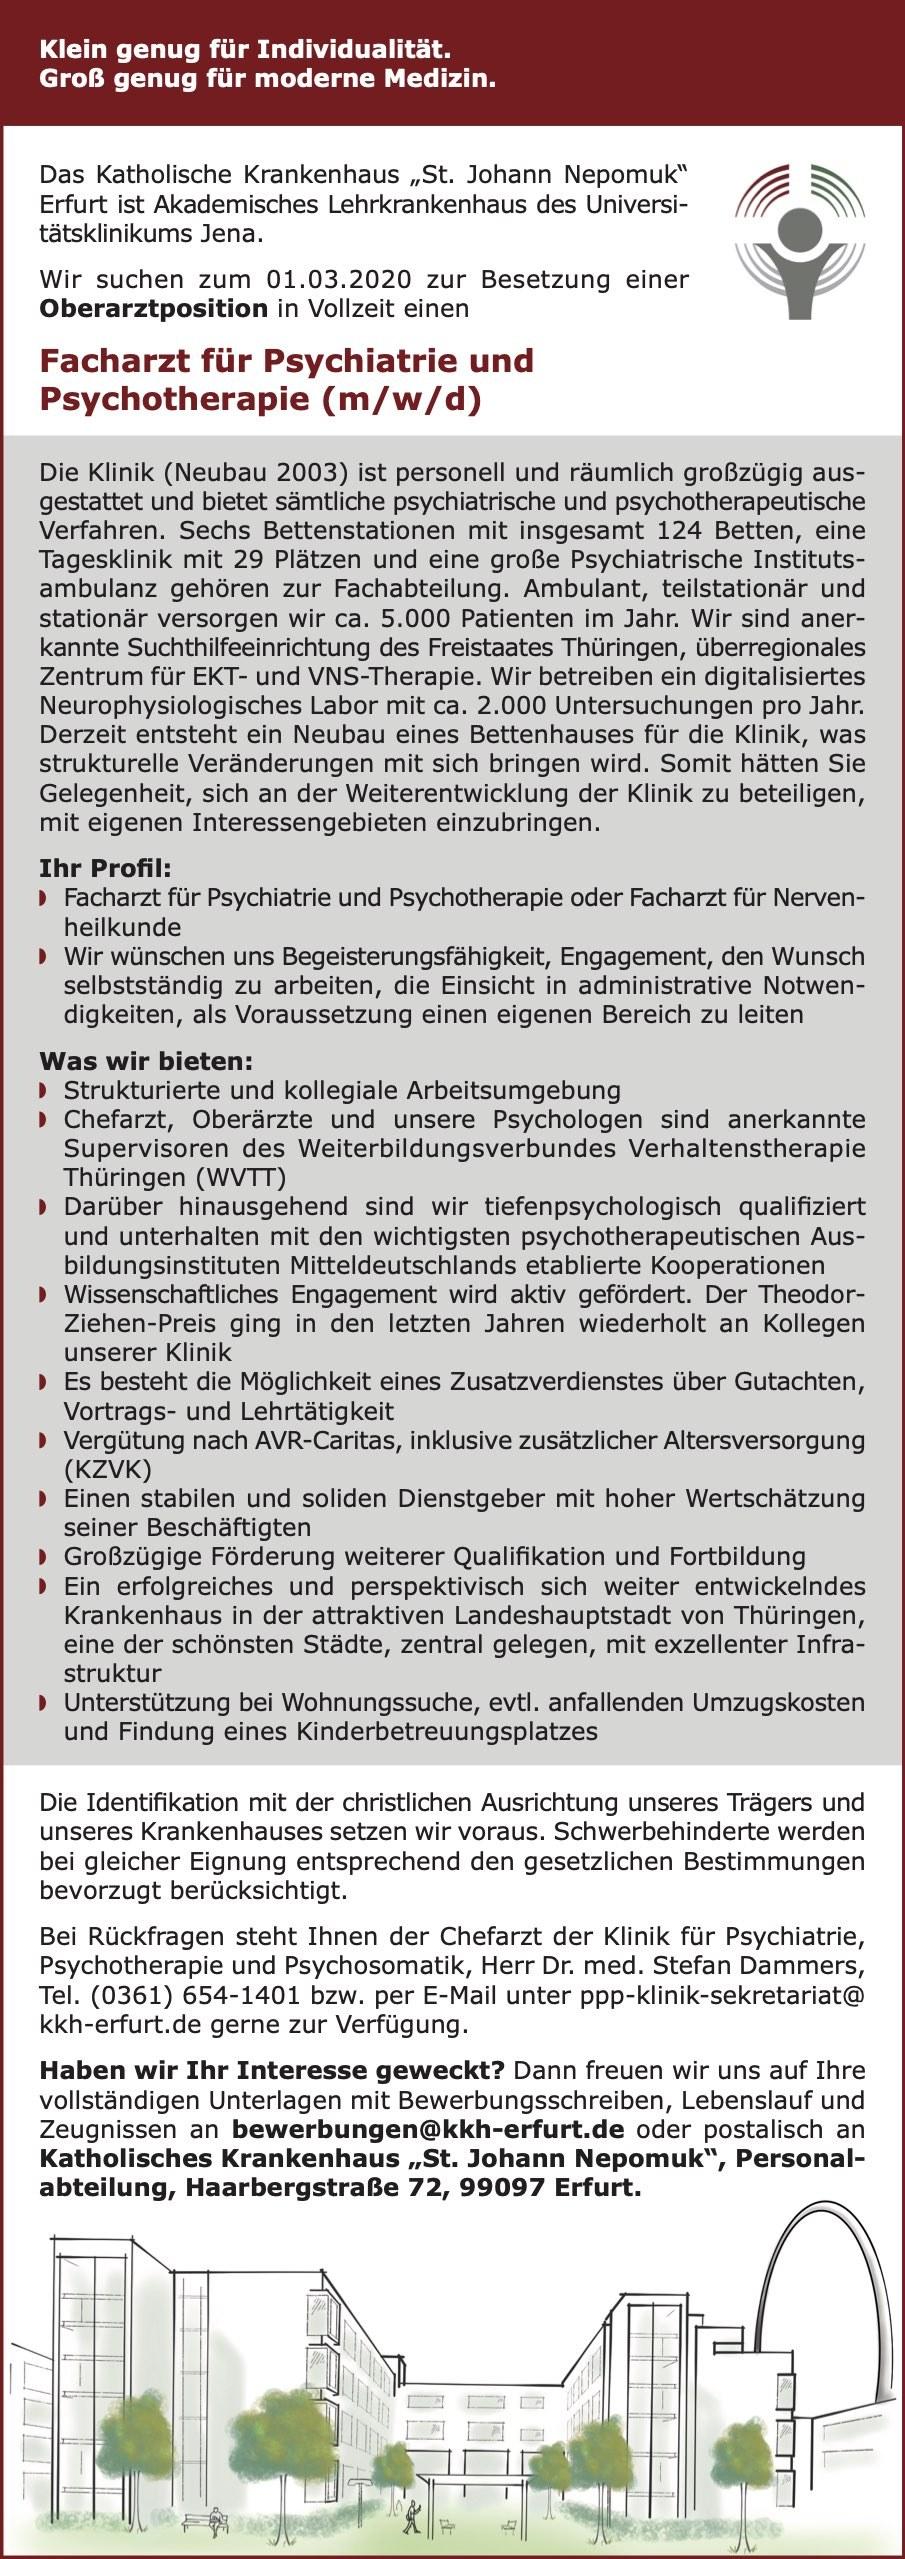 Facharzt für Psychiatrie und Psychotherapie (m/w/d)